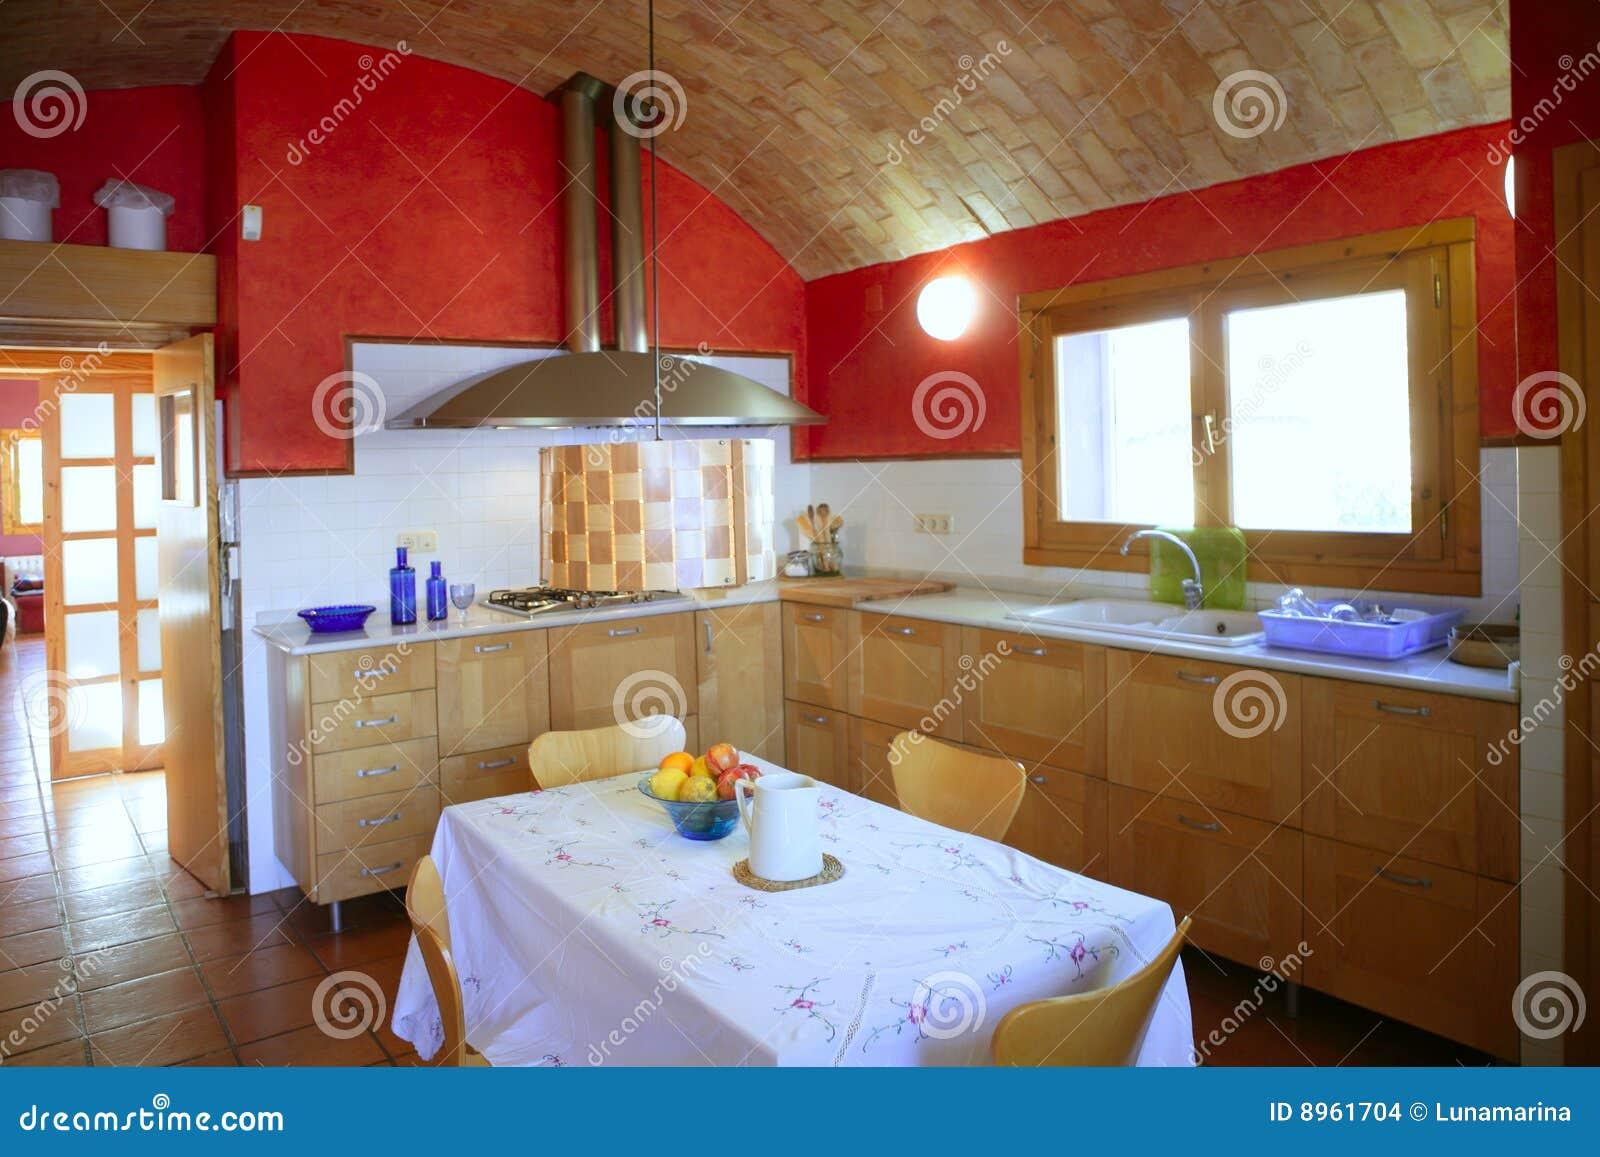 Keuken met tongewelf het ceeling stock foto afbeelding 8961704 - Keuken met rode baksteen ...